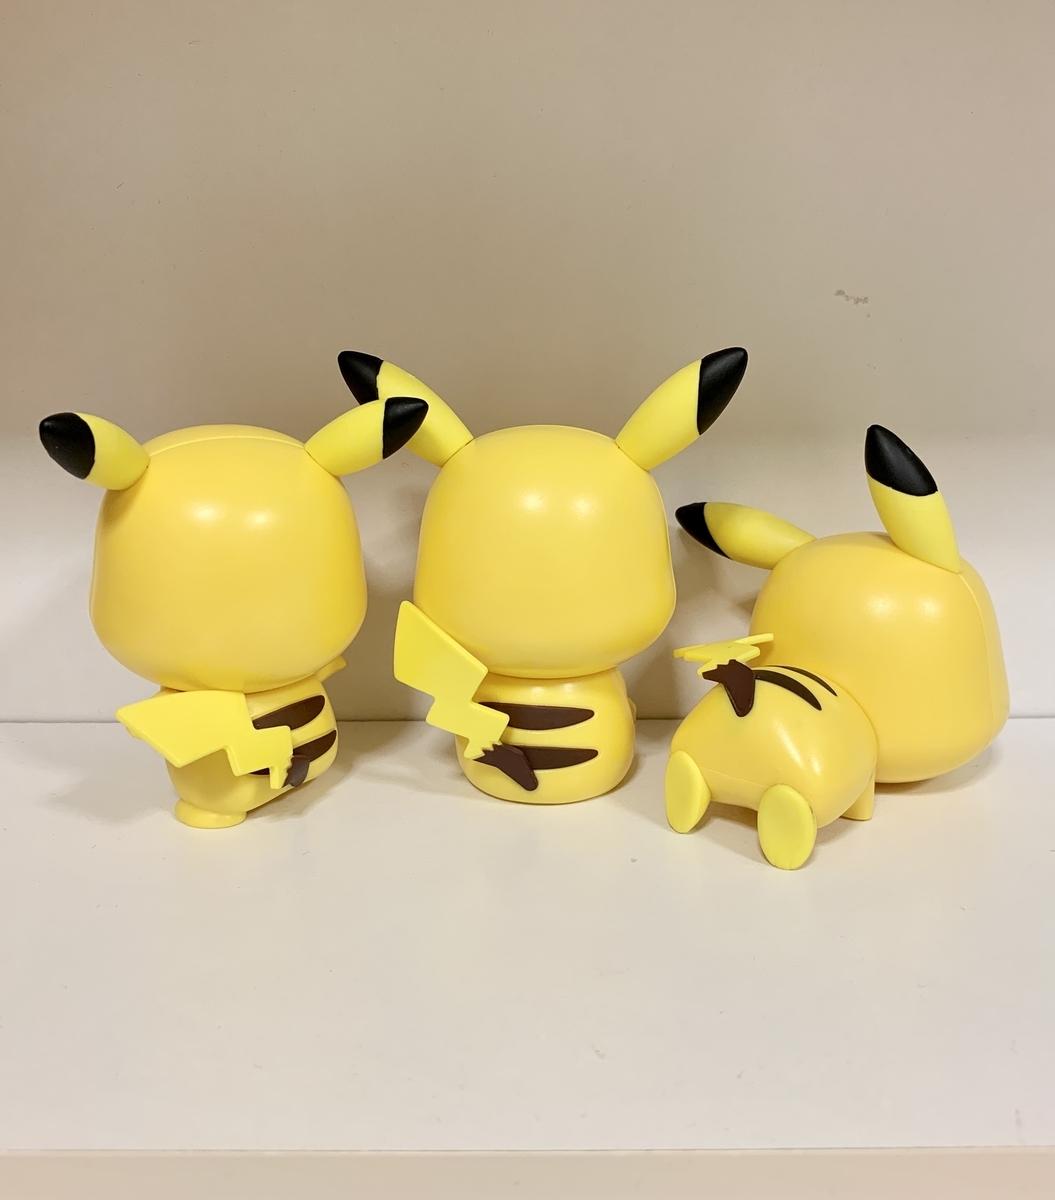 f:id:pikachu_pcn:20210523152744j:plain